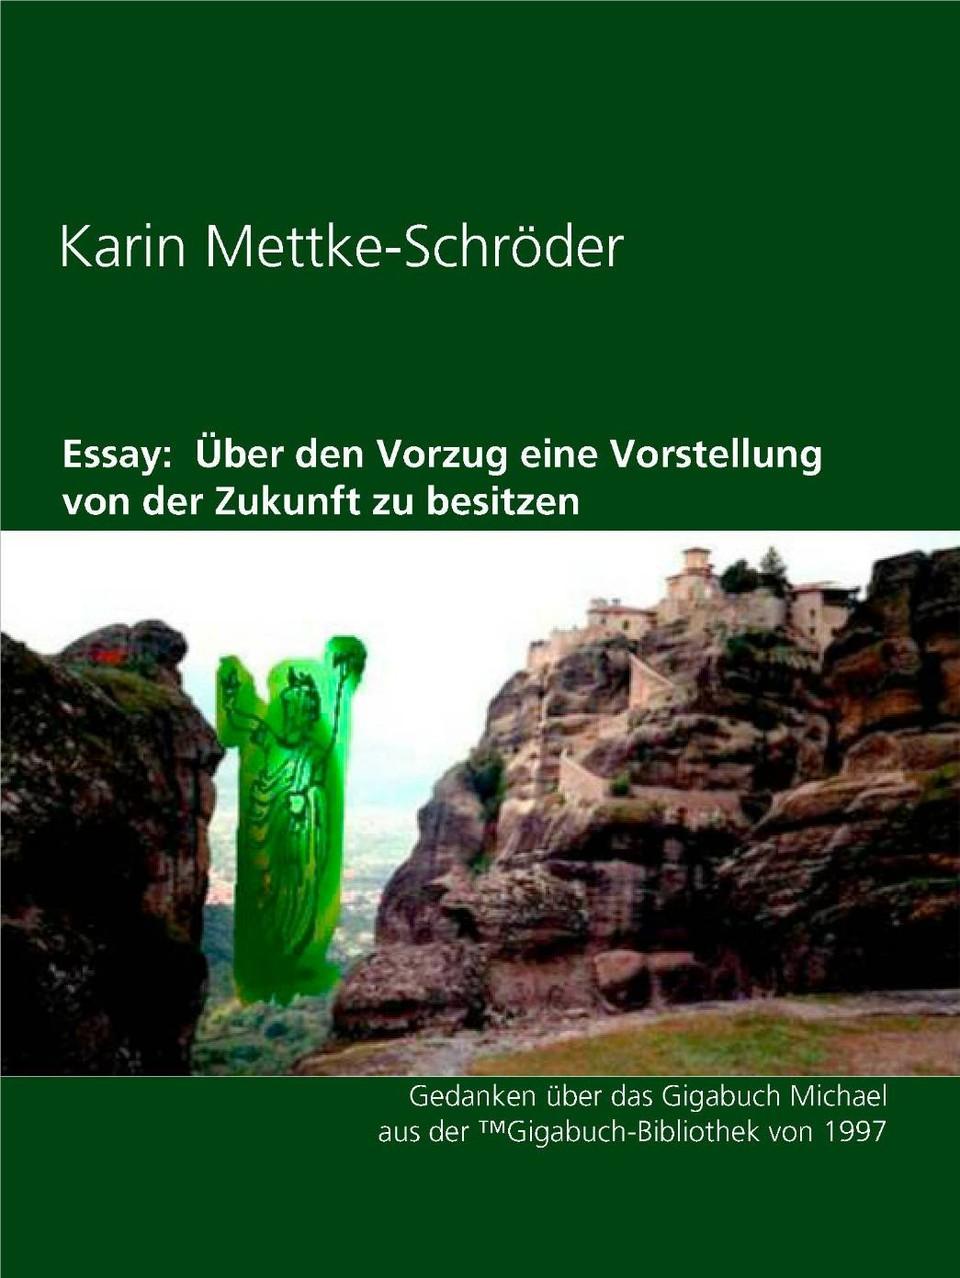 Karin Mettke-Schröder/Über den Vorzug/Essay aus der ™Gigabuch Bibliothek von 1997/e-Short  ISBN 9783734712951